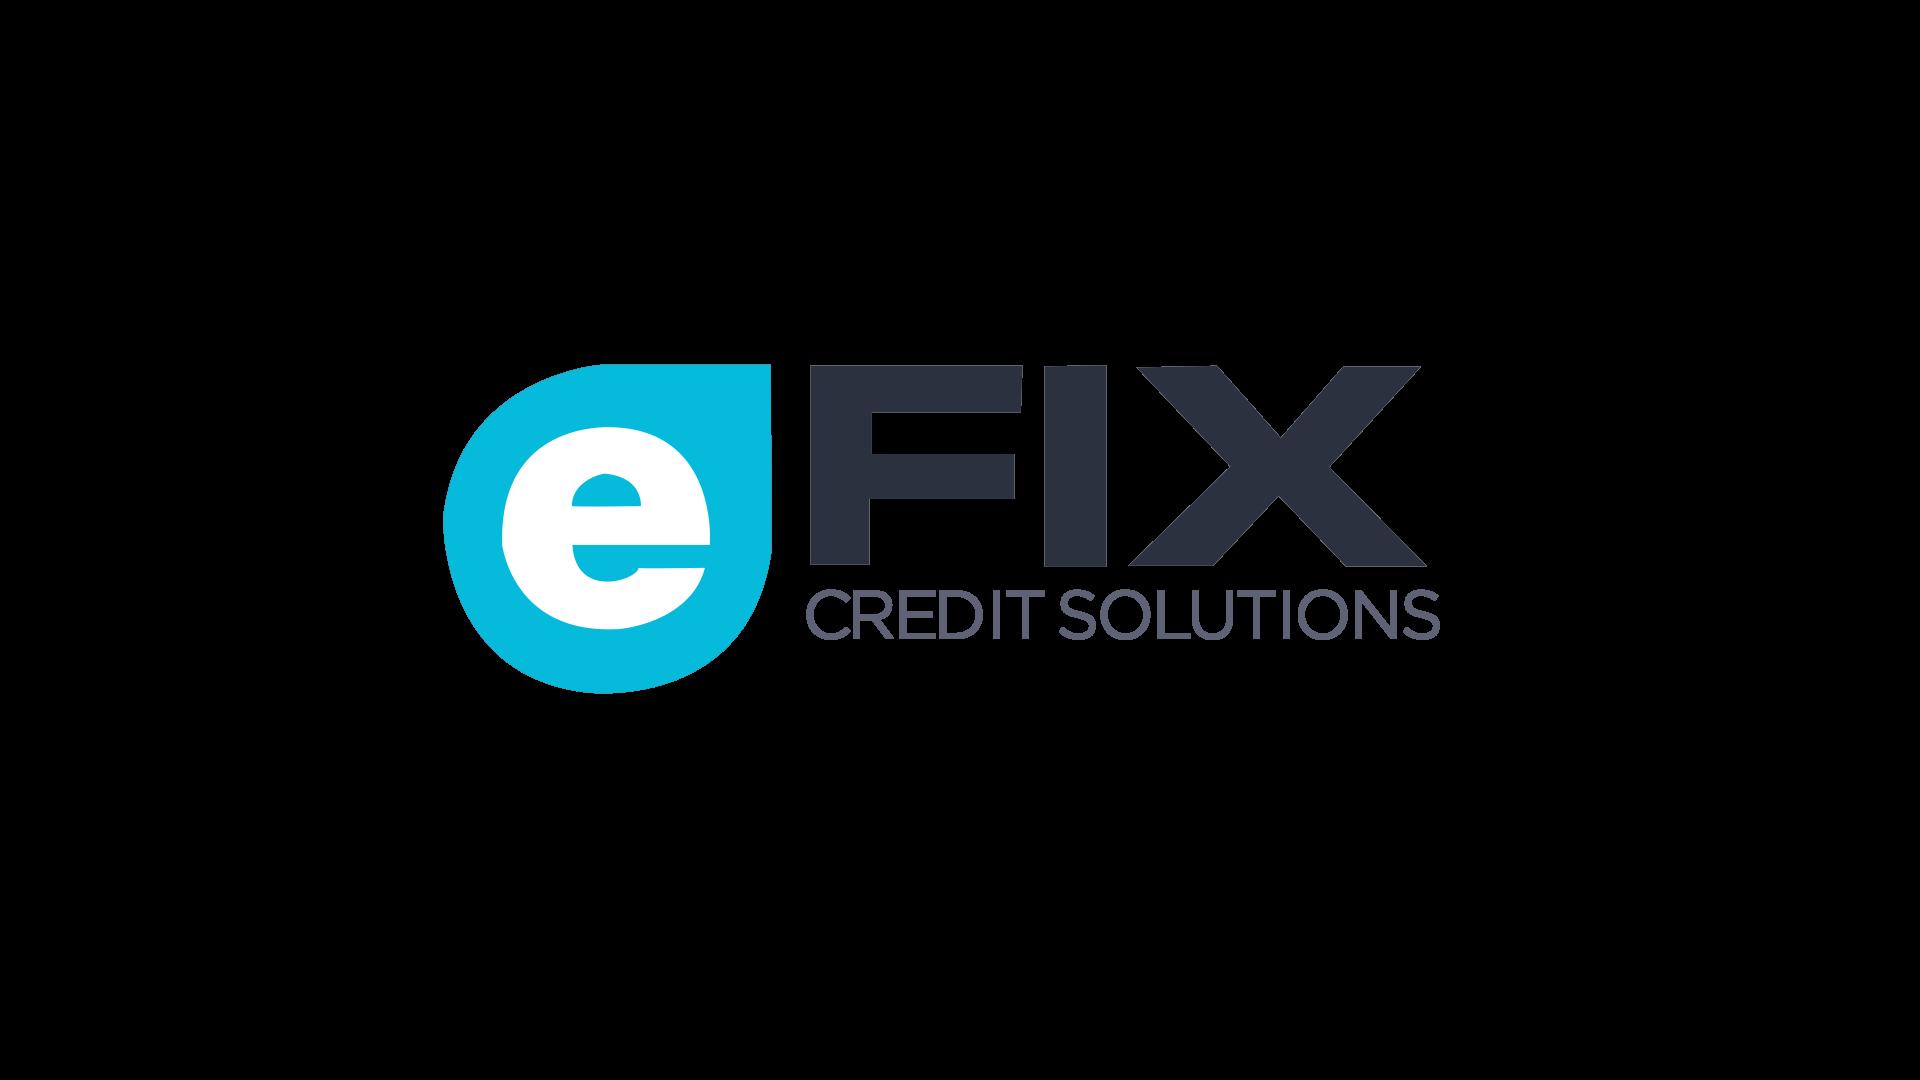 E-Fix Credit Solutions